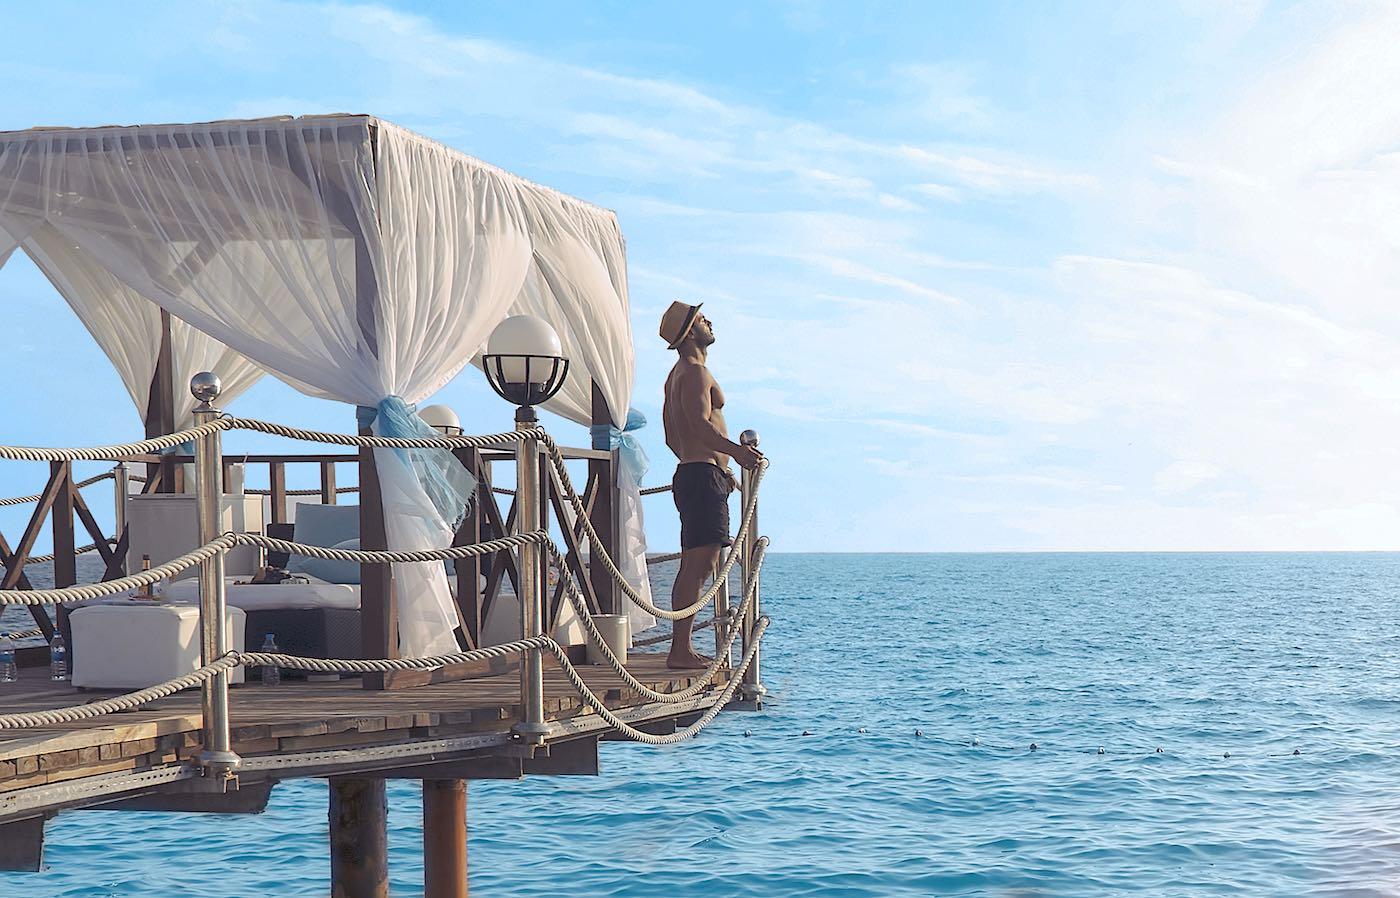 Desde lujosas habitaciones en cuevas hasta futuristas cápsulas flotantes en el océano: estos son los 7 hoteles de lujo más exclusivos del mundo